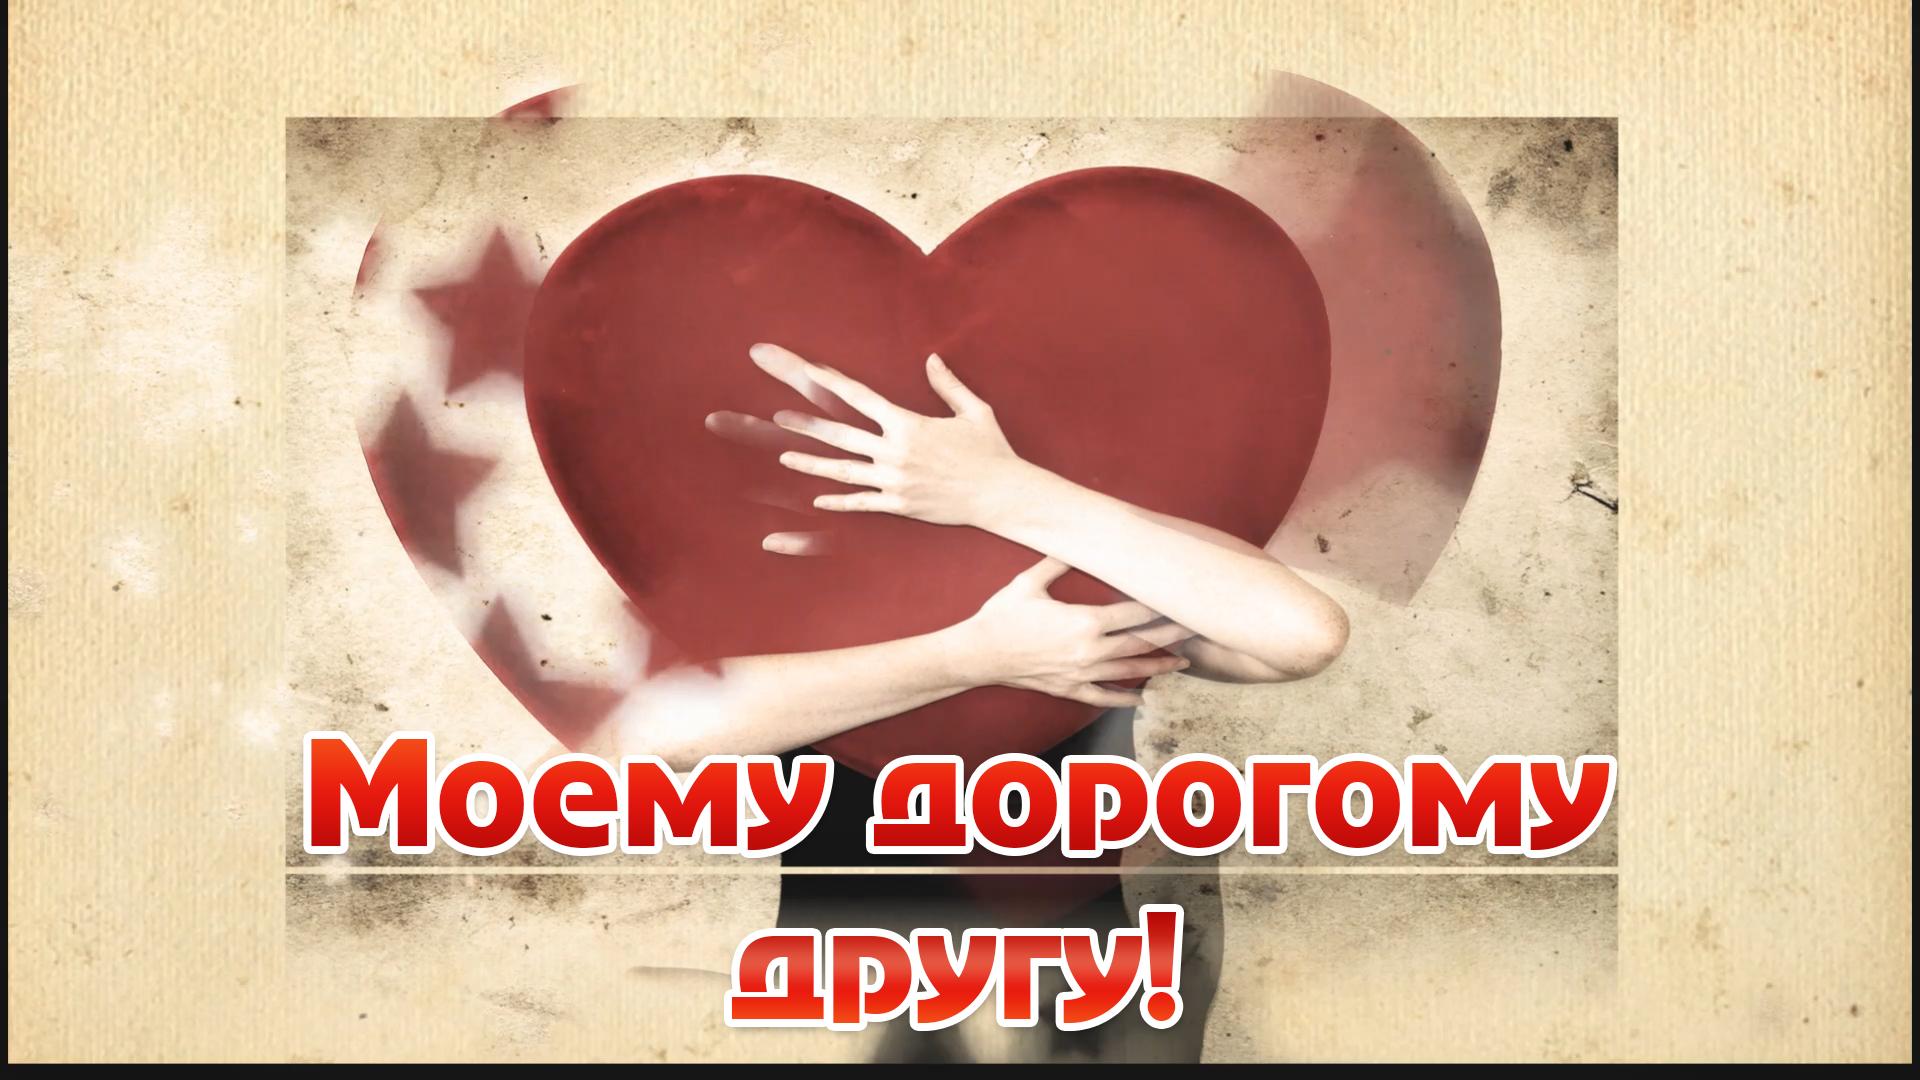 Картинка моему дорогому другу! музыкальная видео открытка поздравления